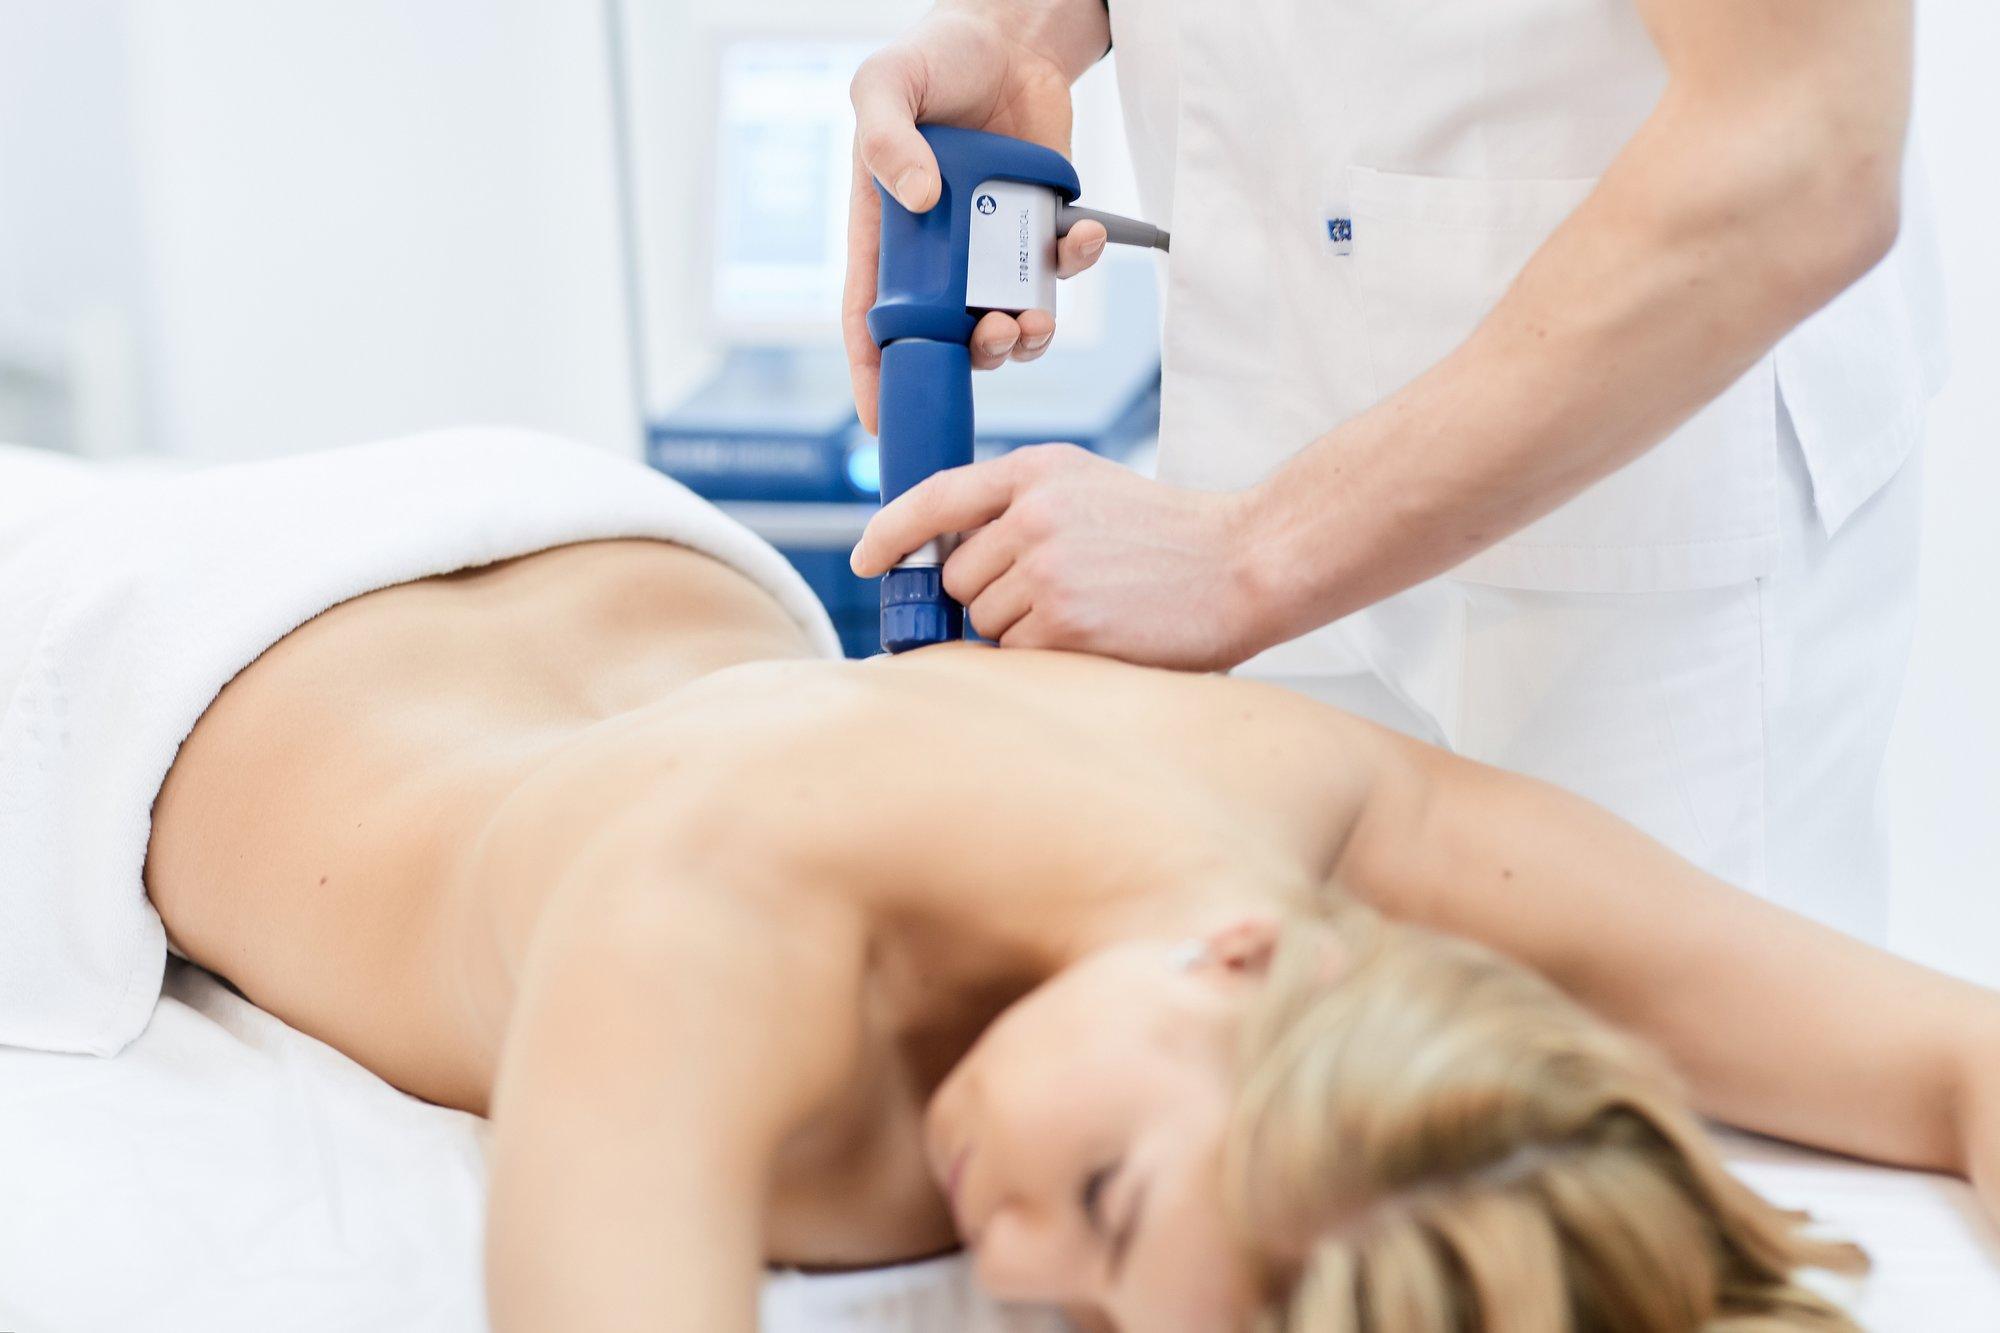 Ударно-волновая терапия - показания для лечения заболеваний и противопоказания, стоимость и отзывы